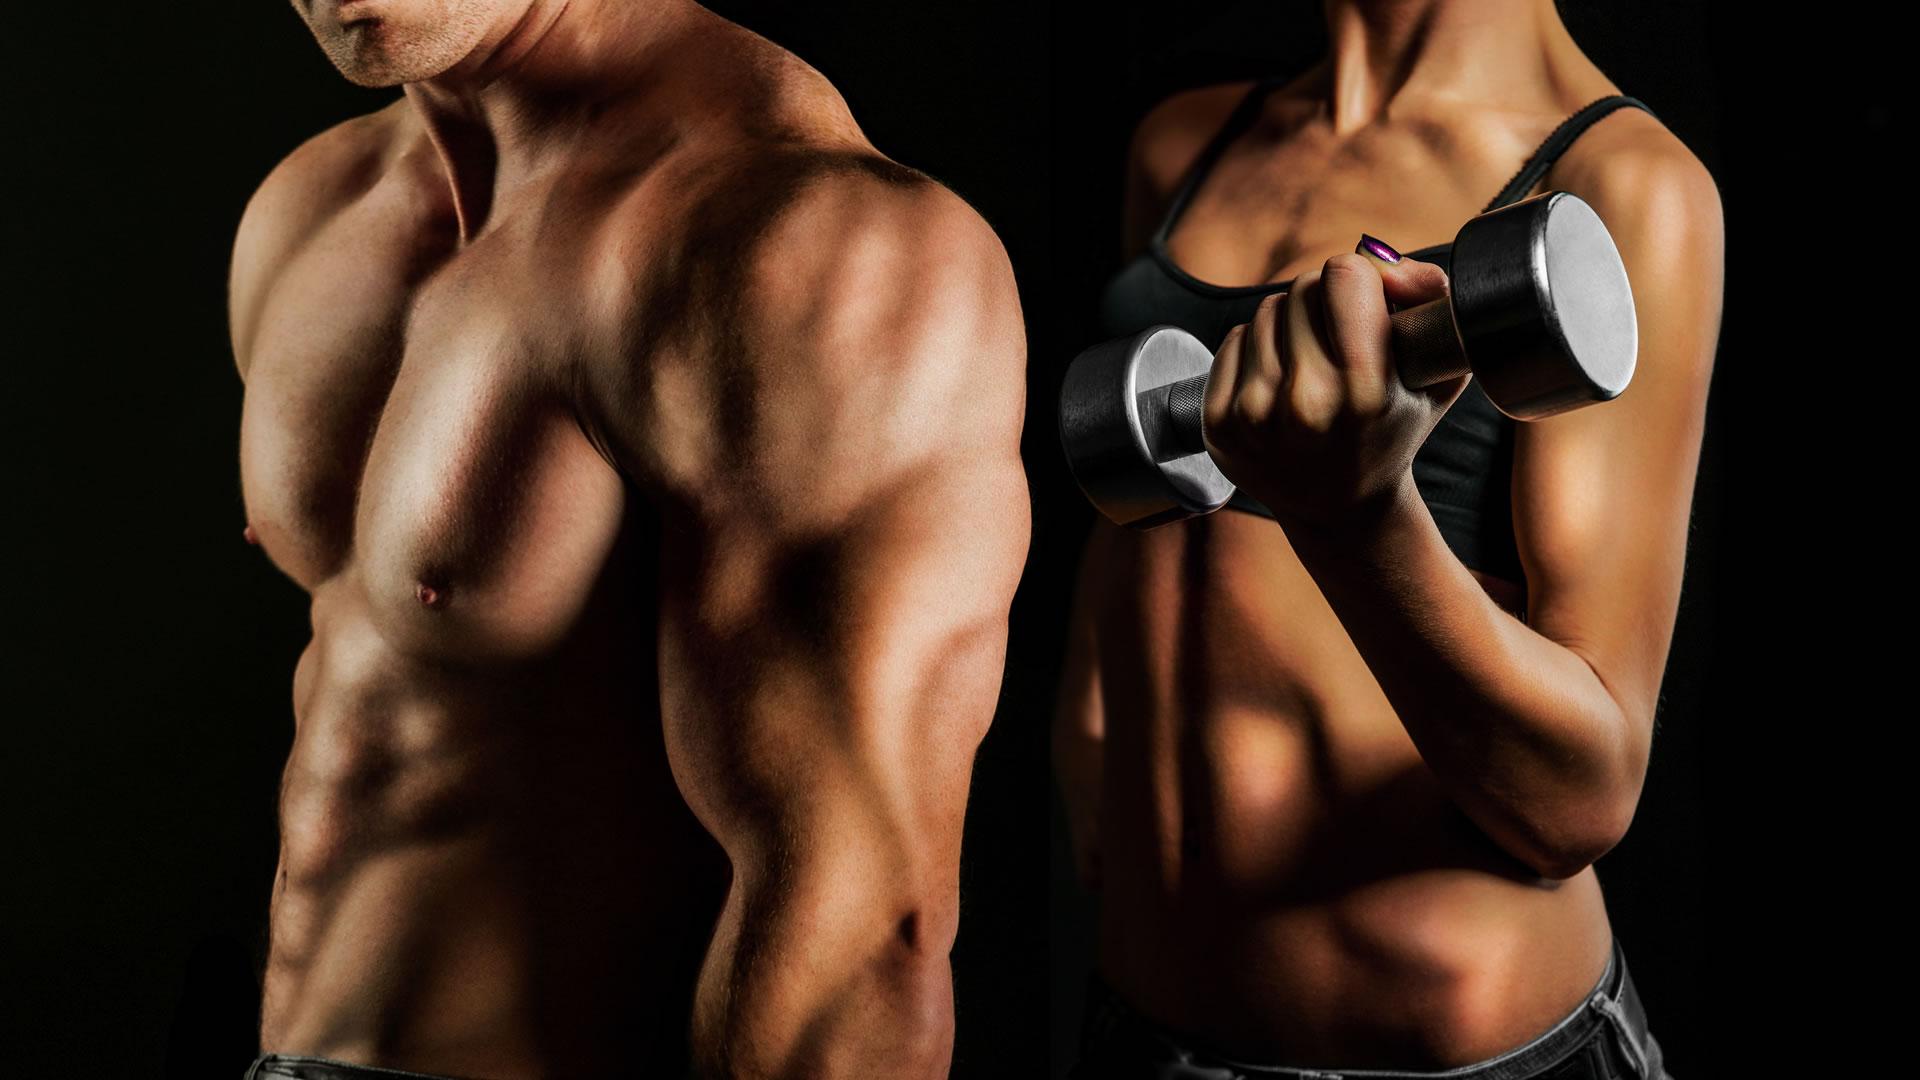 Entrenamiento de rutina de ejercicios con mancuernas